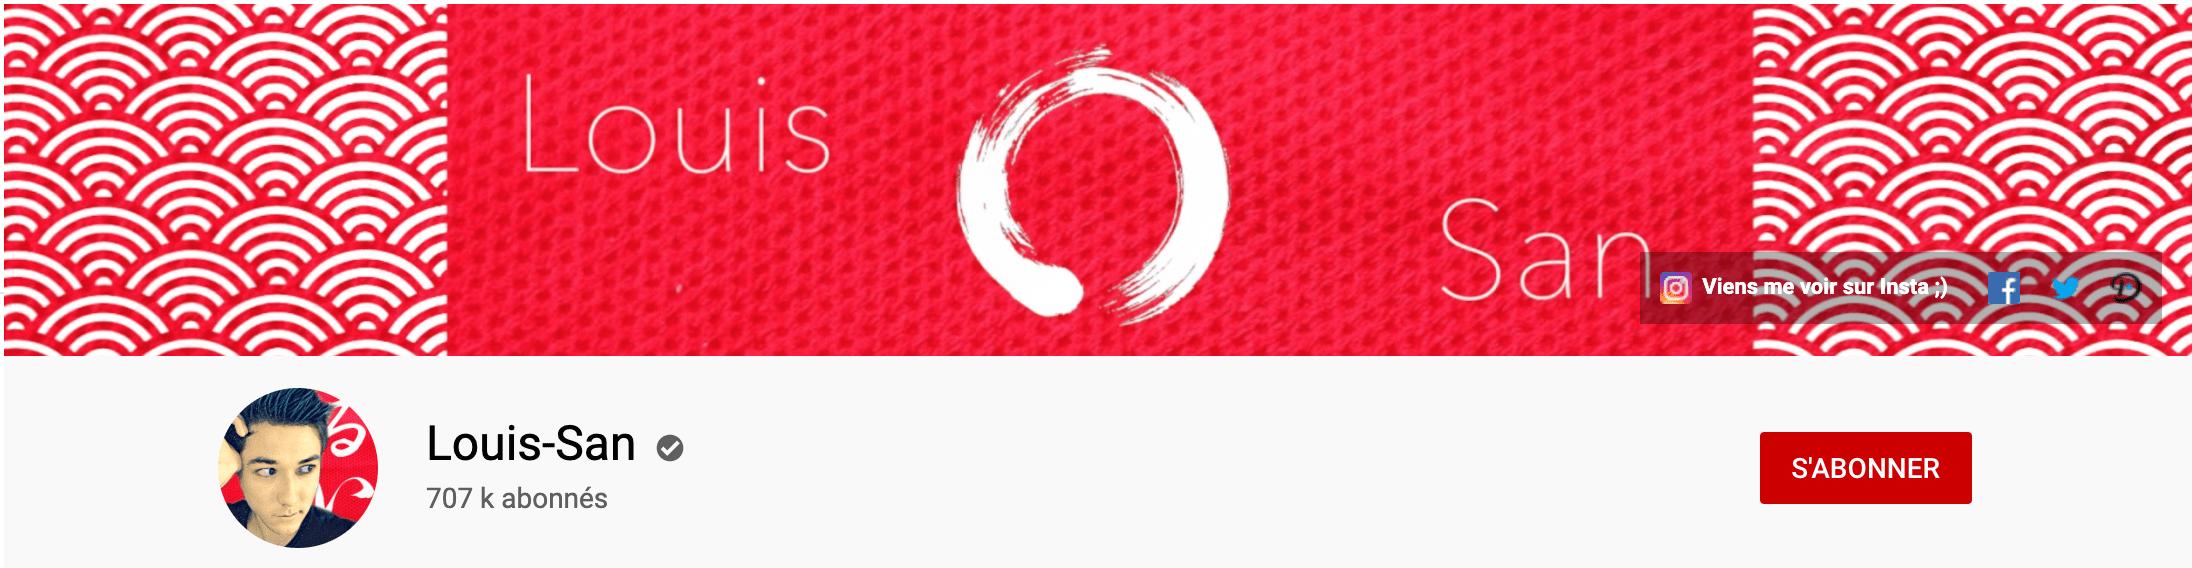 Bannière youtube de Louis San